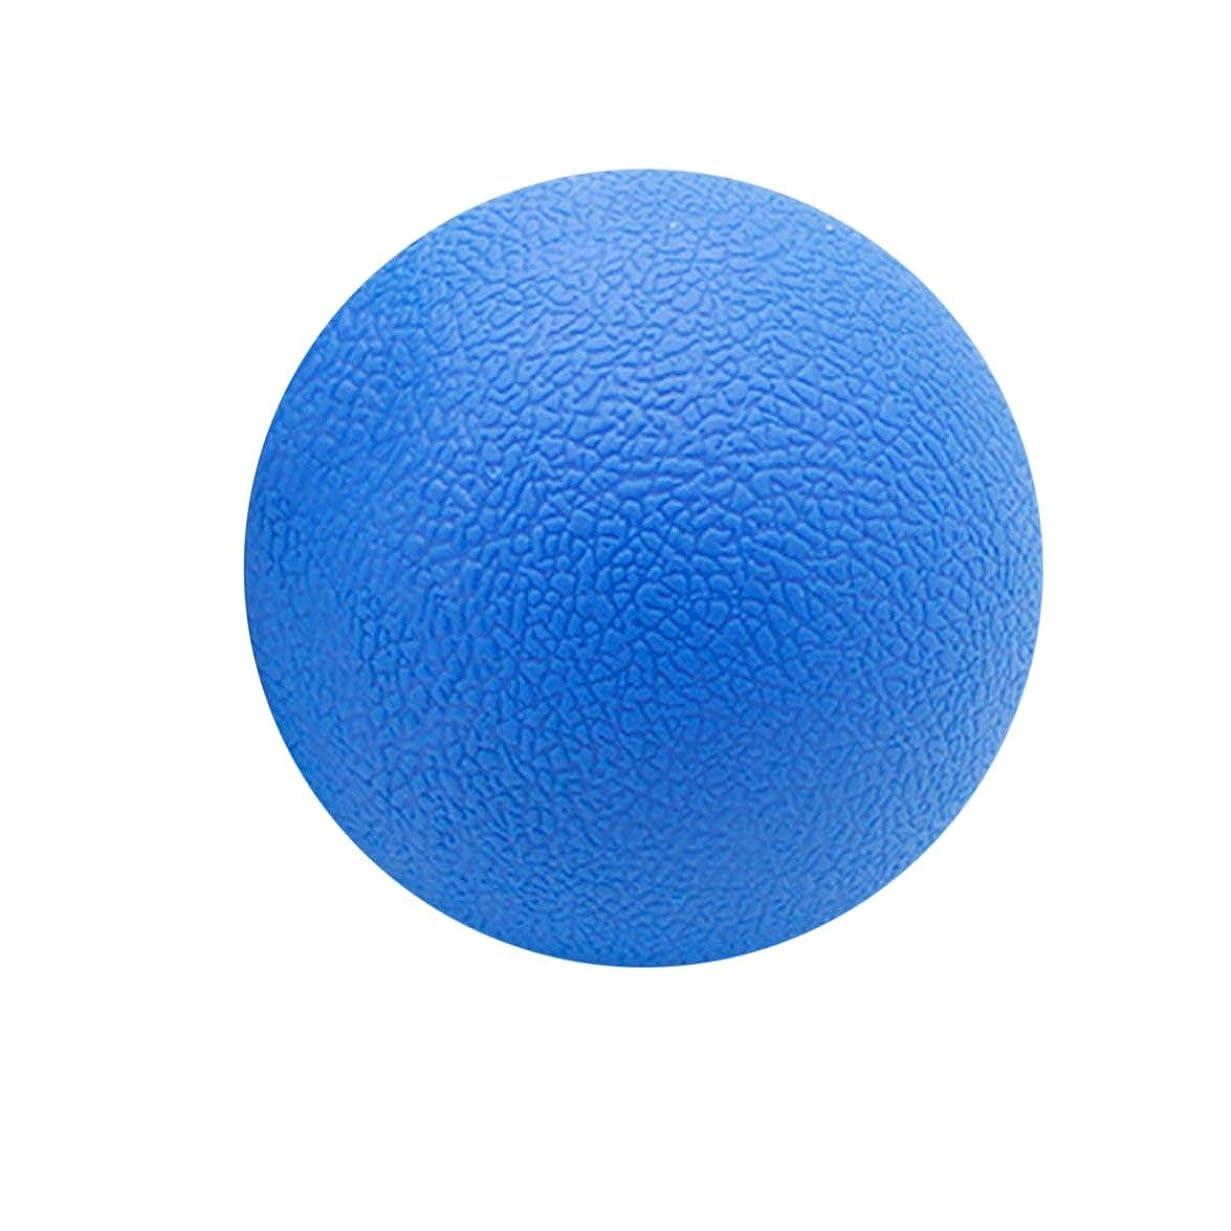 調子発疹政権フィットネスリリーフジムシングルボールマッサージボールトレーニングフェイシアホッケーボール6.3cmマッサージフィットネスボールリラックスマッスルボール-青